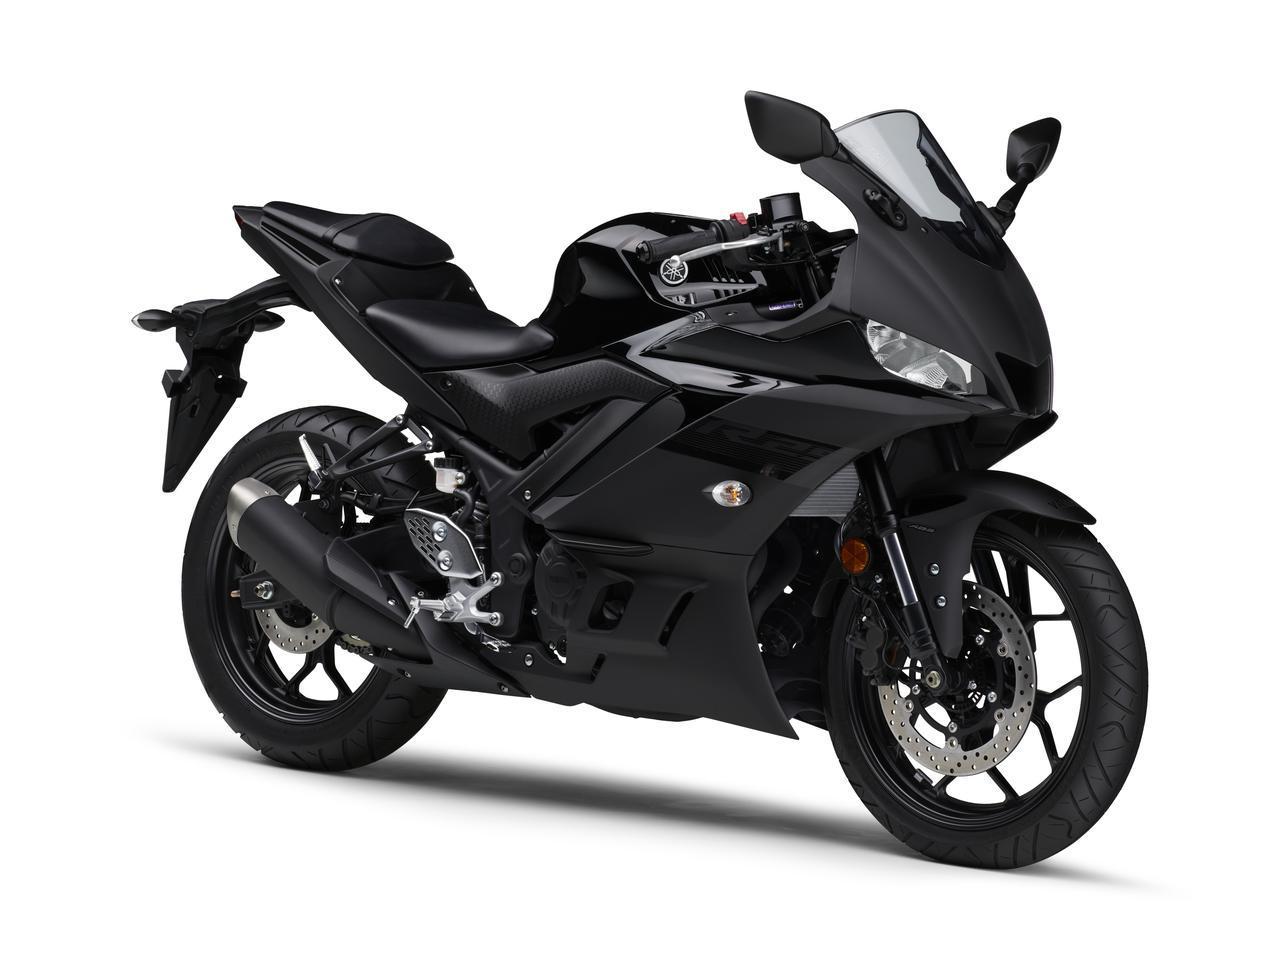 画像17: ヤマハ「YZF-R25/ABS」「YZF-R3 ABS」の2020年モデルが2月14日(金)発売! 3色展開で、すべてニューカラー!